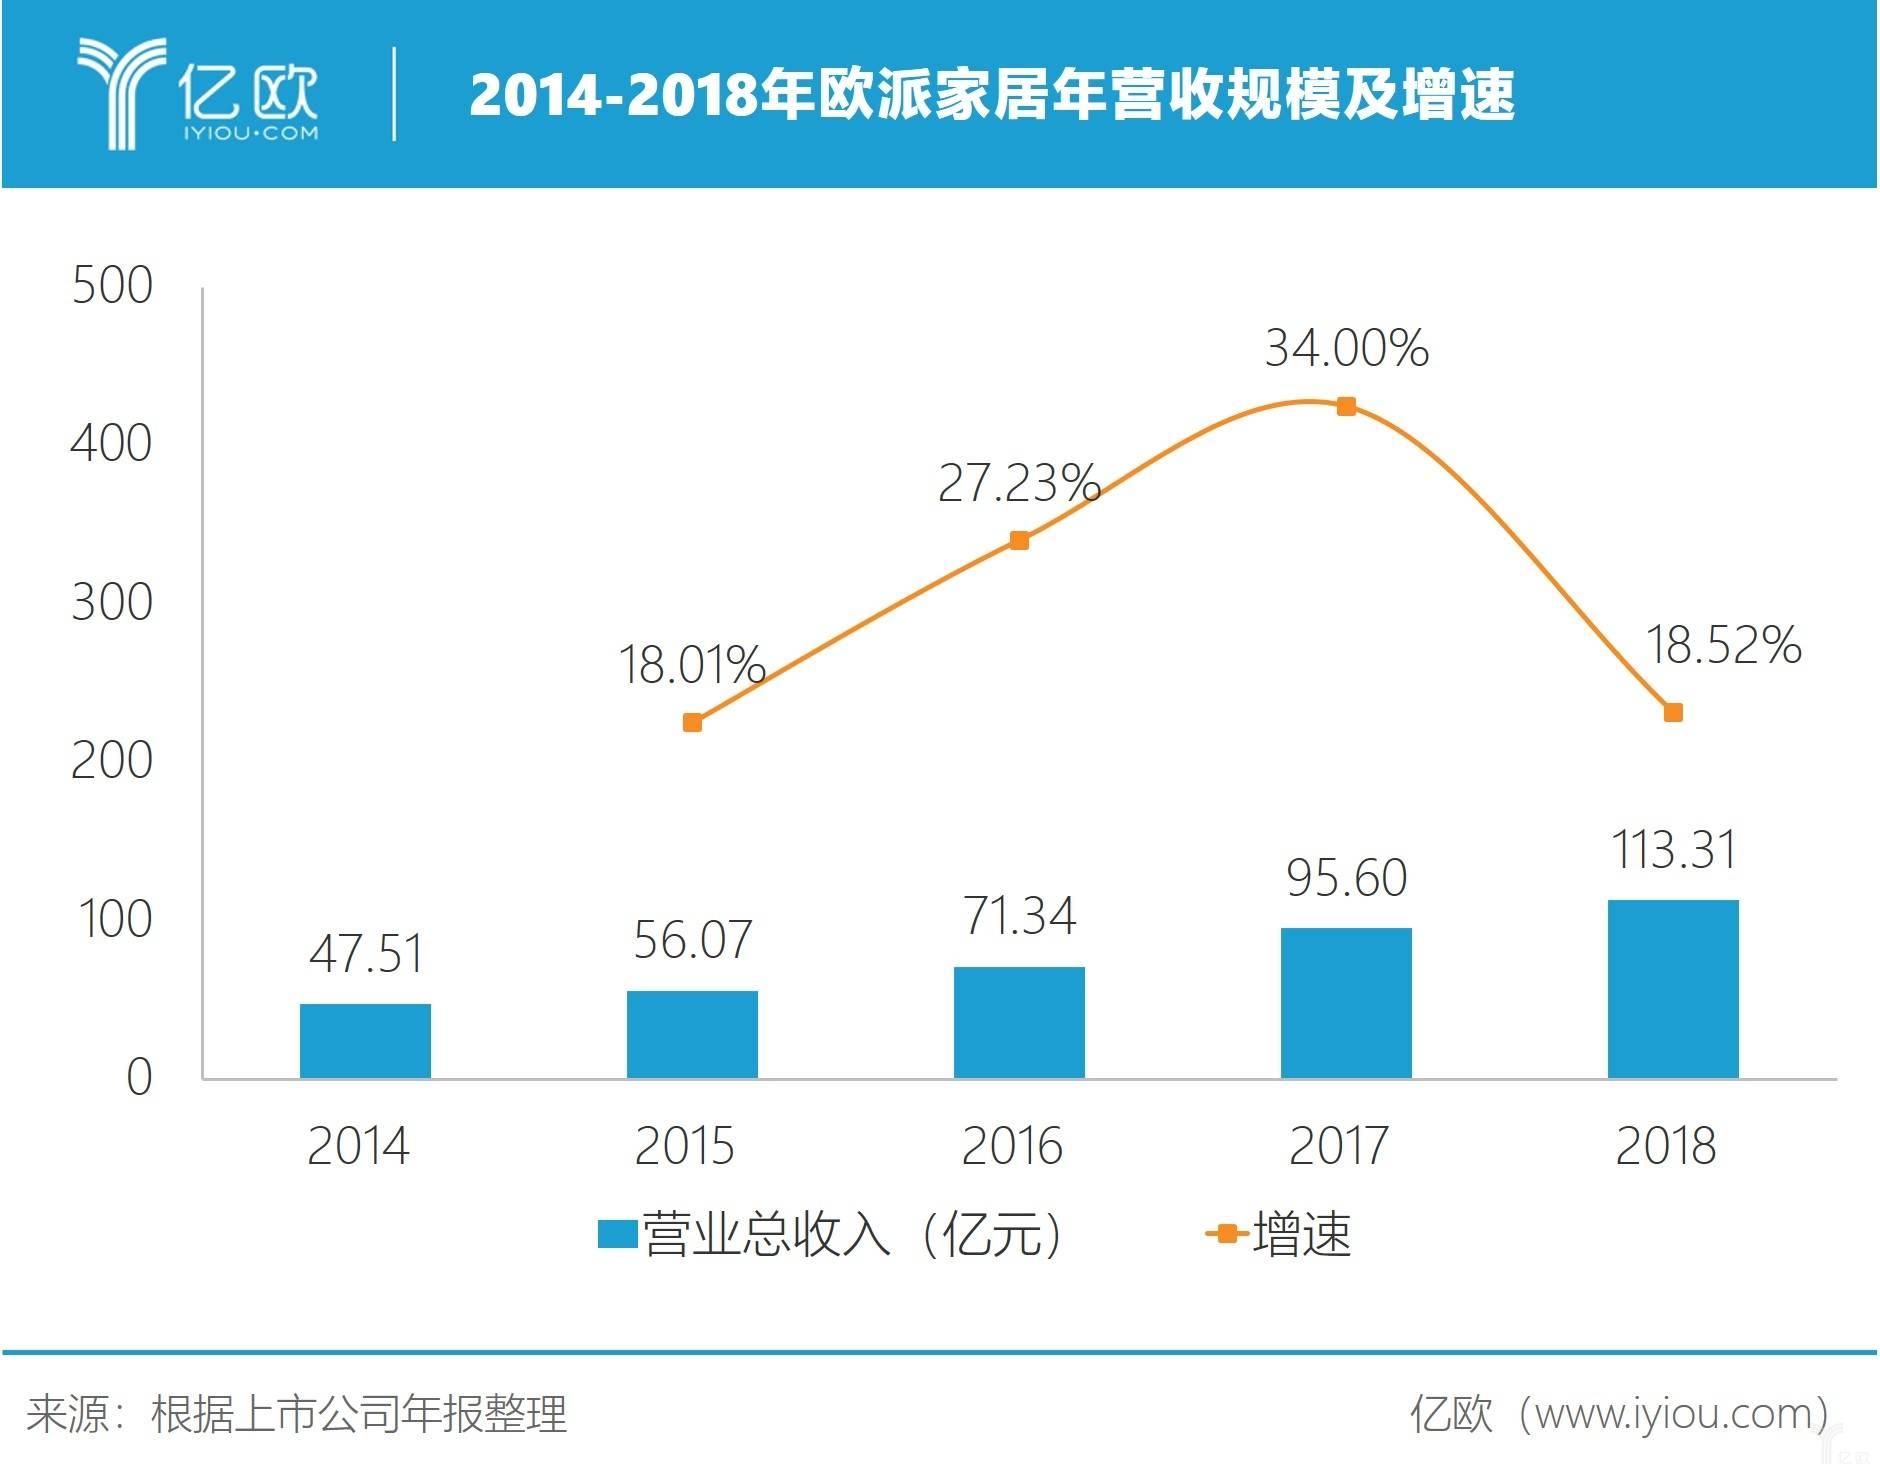 2014-2018年欧派家居年营收规模及增速